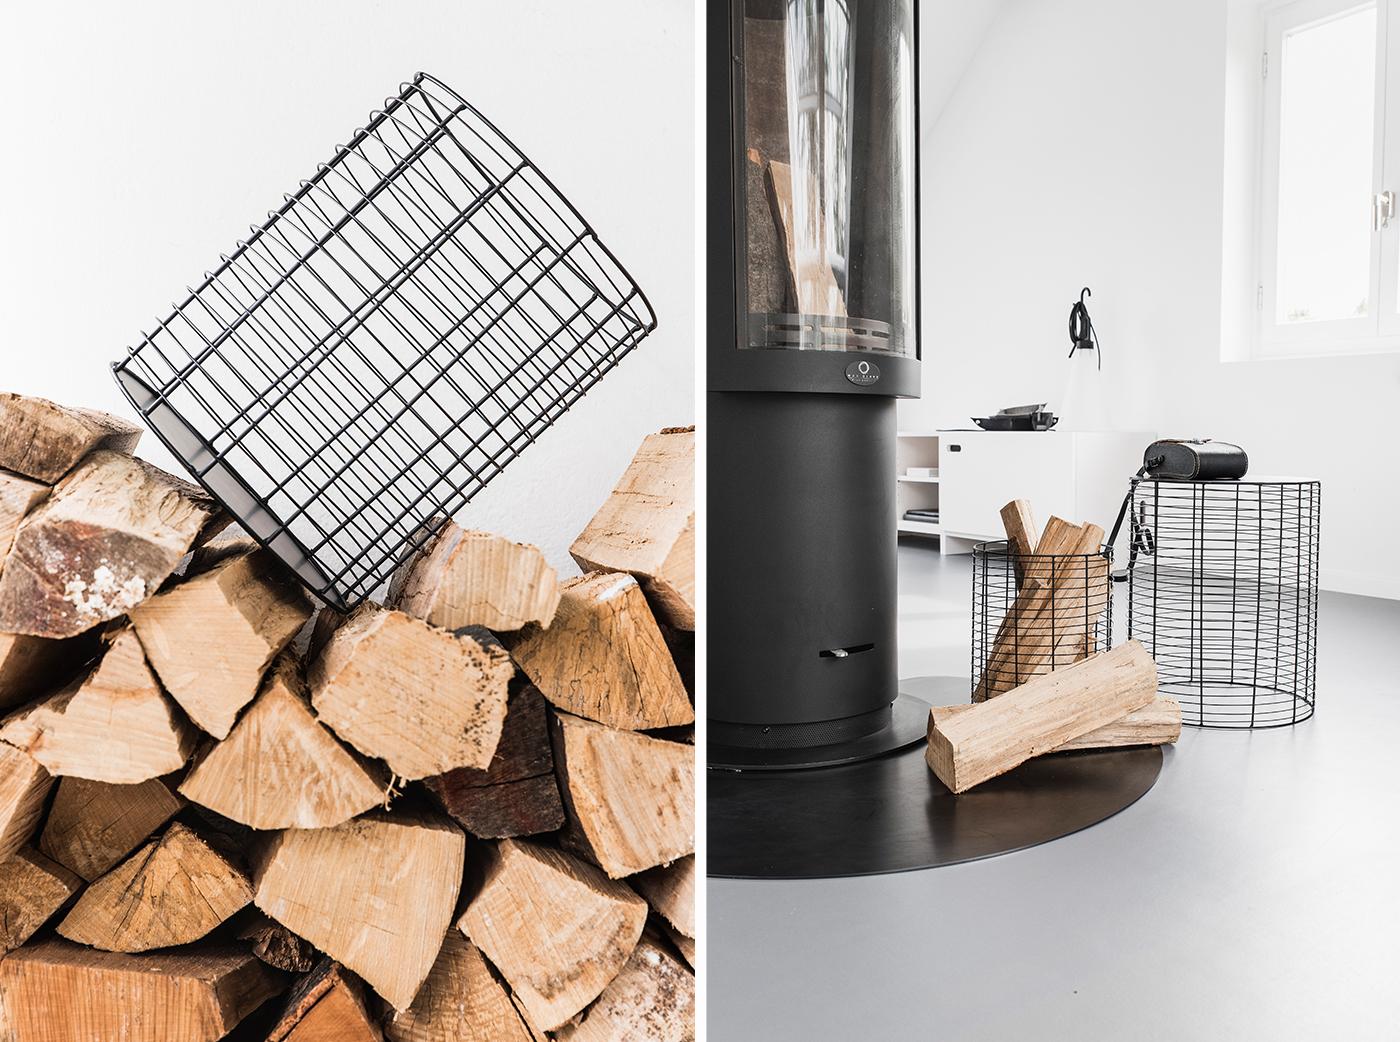 kaminzeit beistelltisch oder korb f r feuerholz sch n. Black Bedroom Furniture Sets. Home Design Ideas